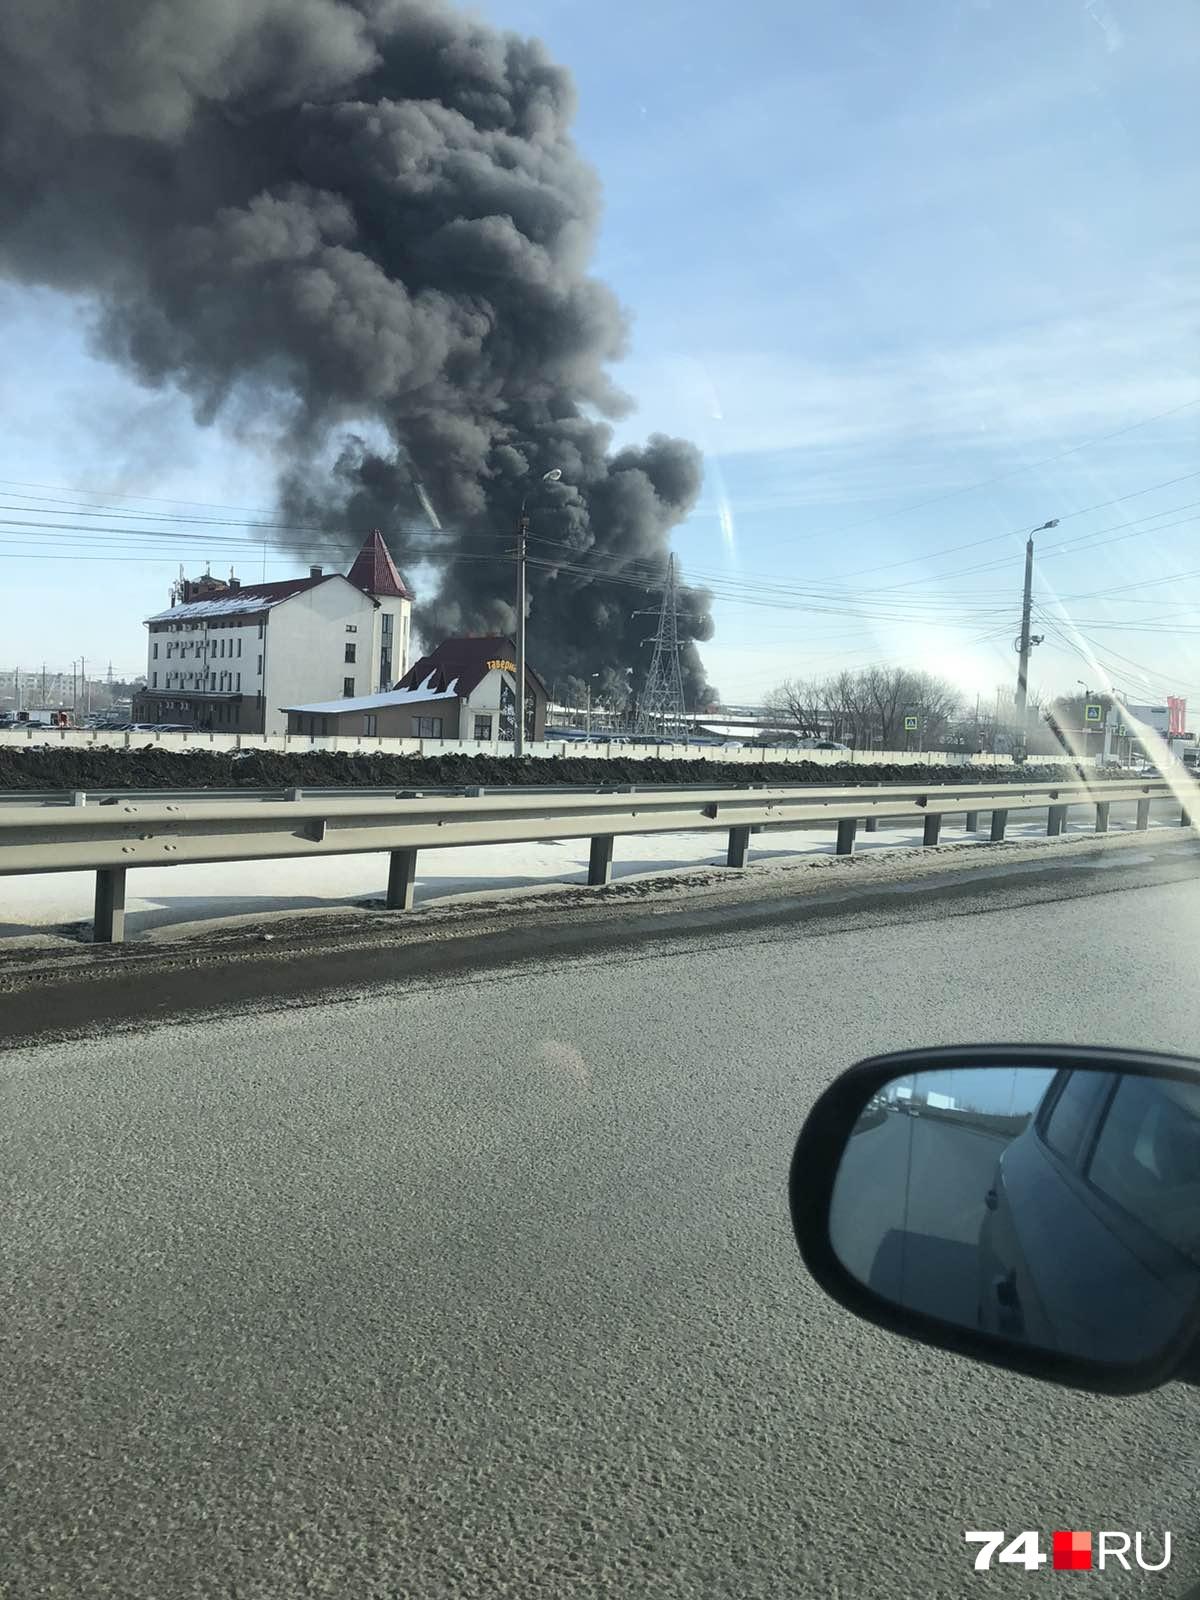 Около загоревшегося здания невозможно дышать